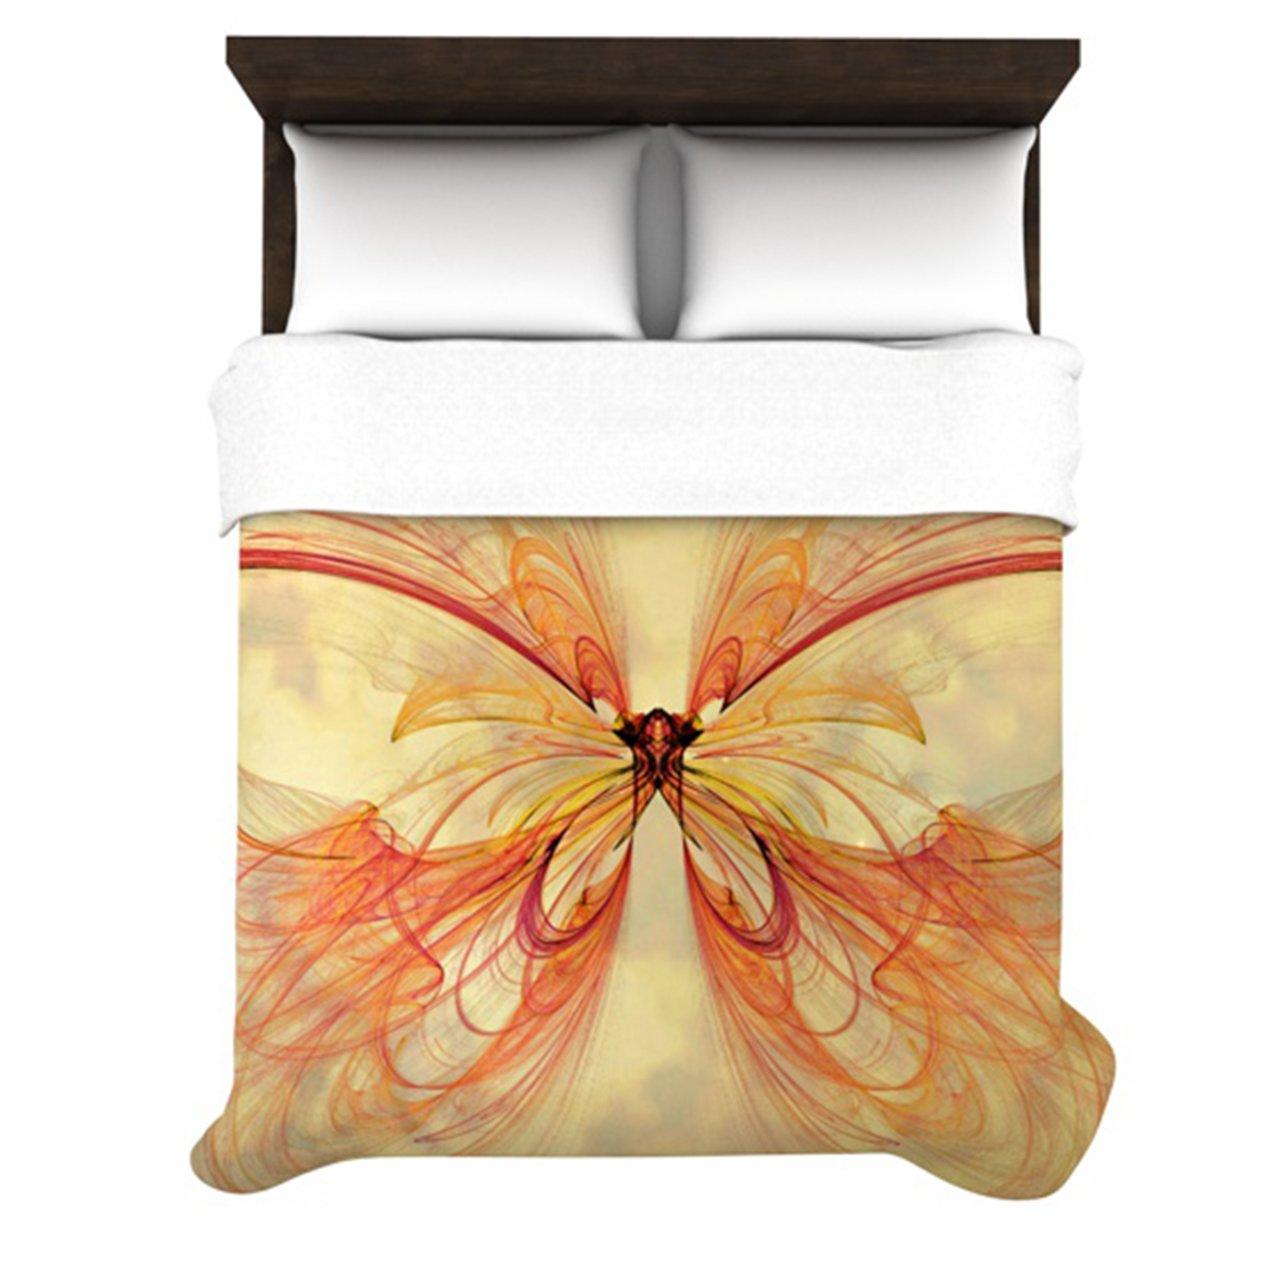 Kess InHouse Alison Coxon Papillon 88 by 88-Inch Duvet, Queen